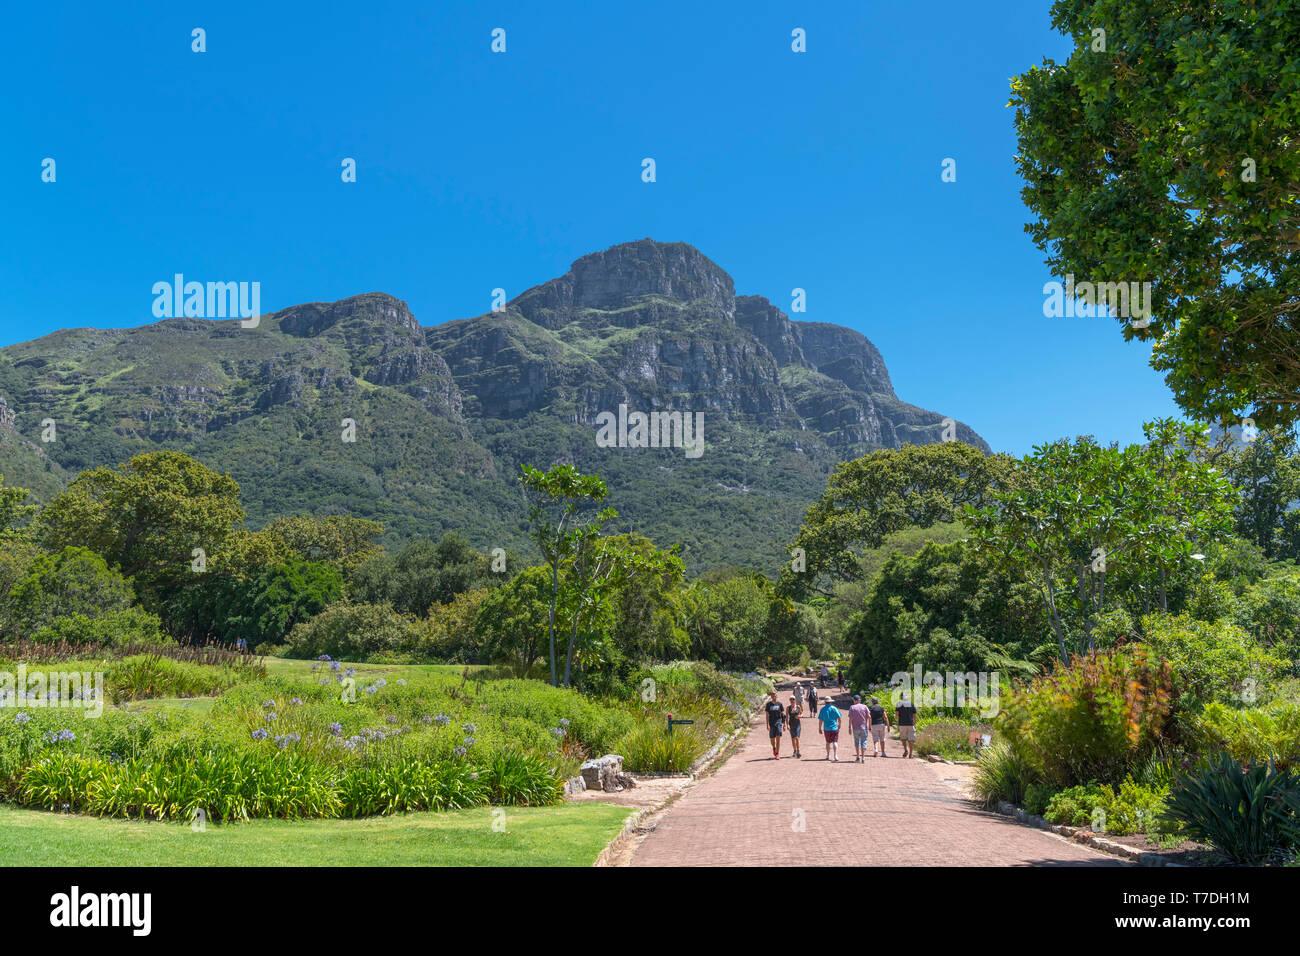 Kirstenbosch National Botanical Garden guardando verso il fronte orientale di Table Mountain e Cape Town, Western Cape, Sud Africa Immagini Stock